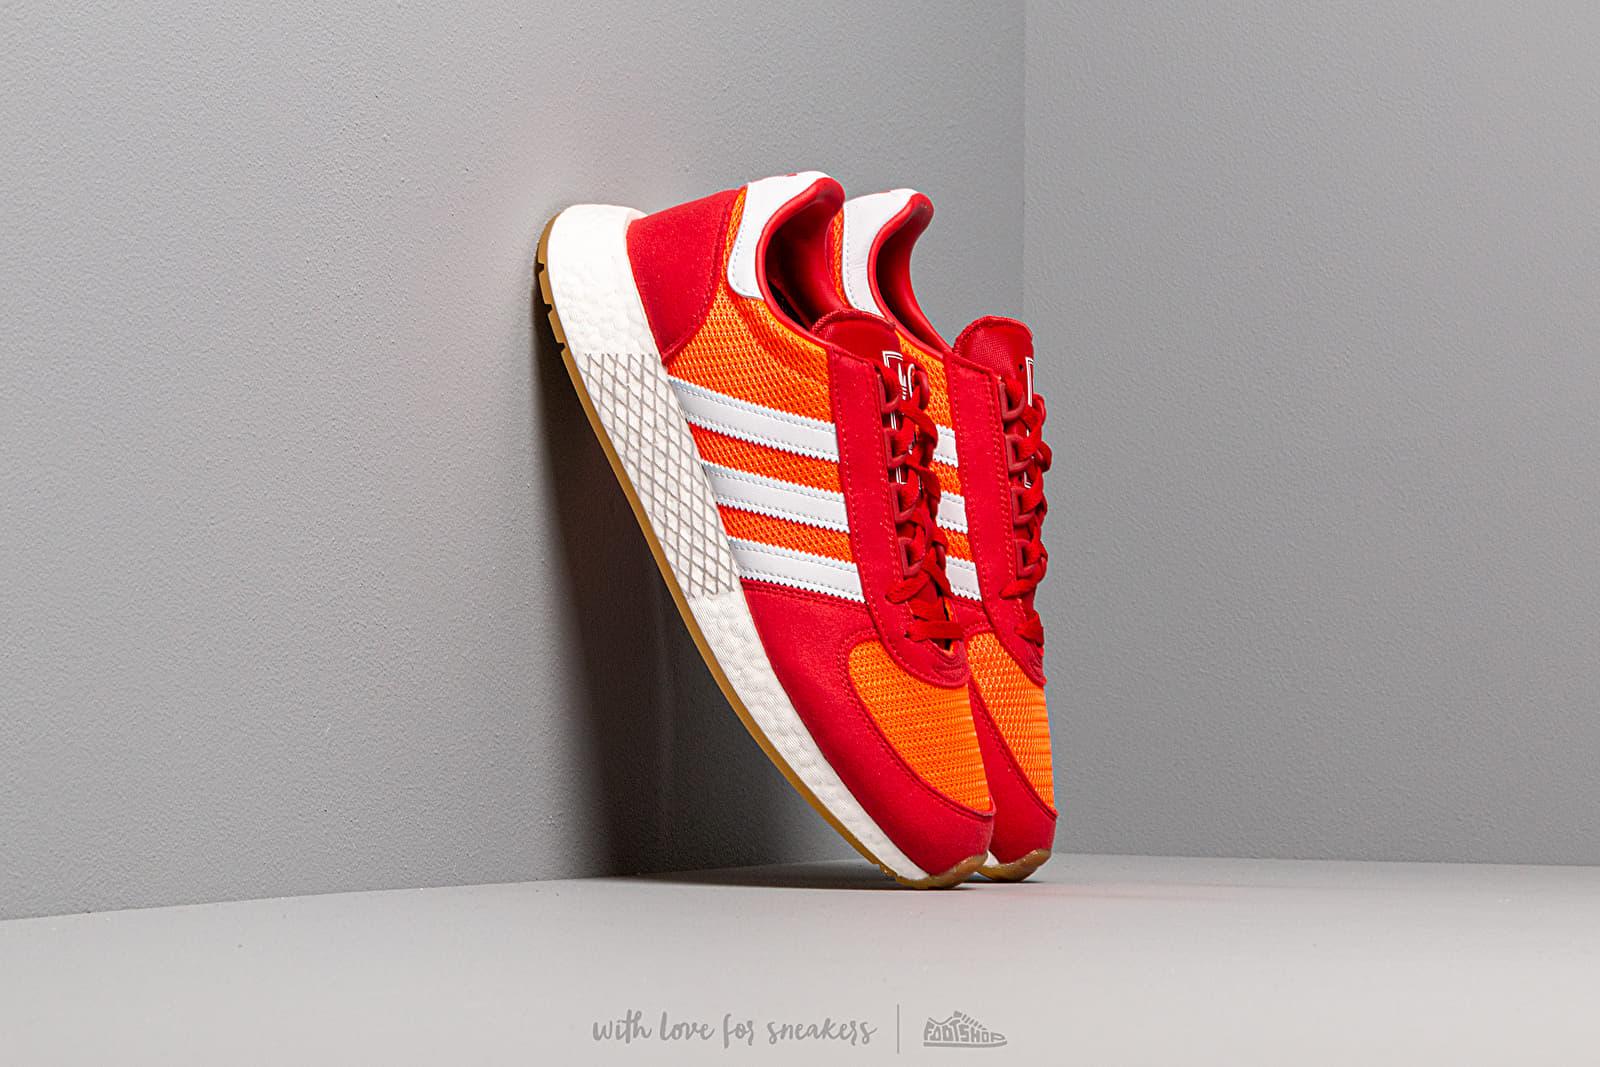 Ανδρικά παπούτσια adidas Marathon Tech Solar Red/ Ftw White/ Scarlet